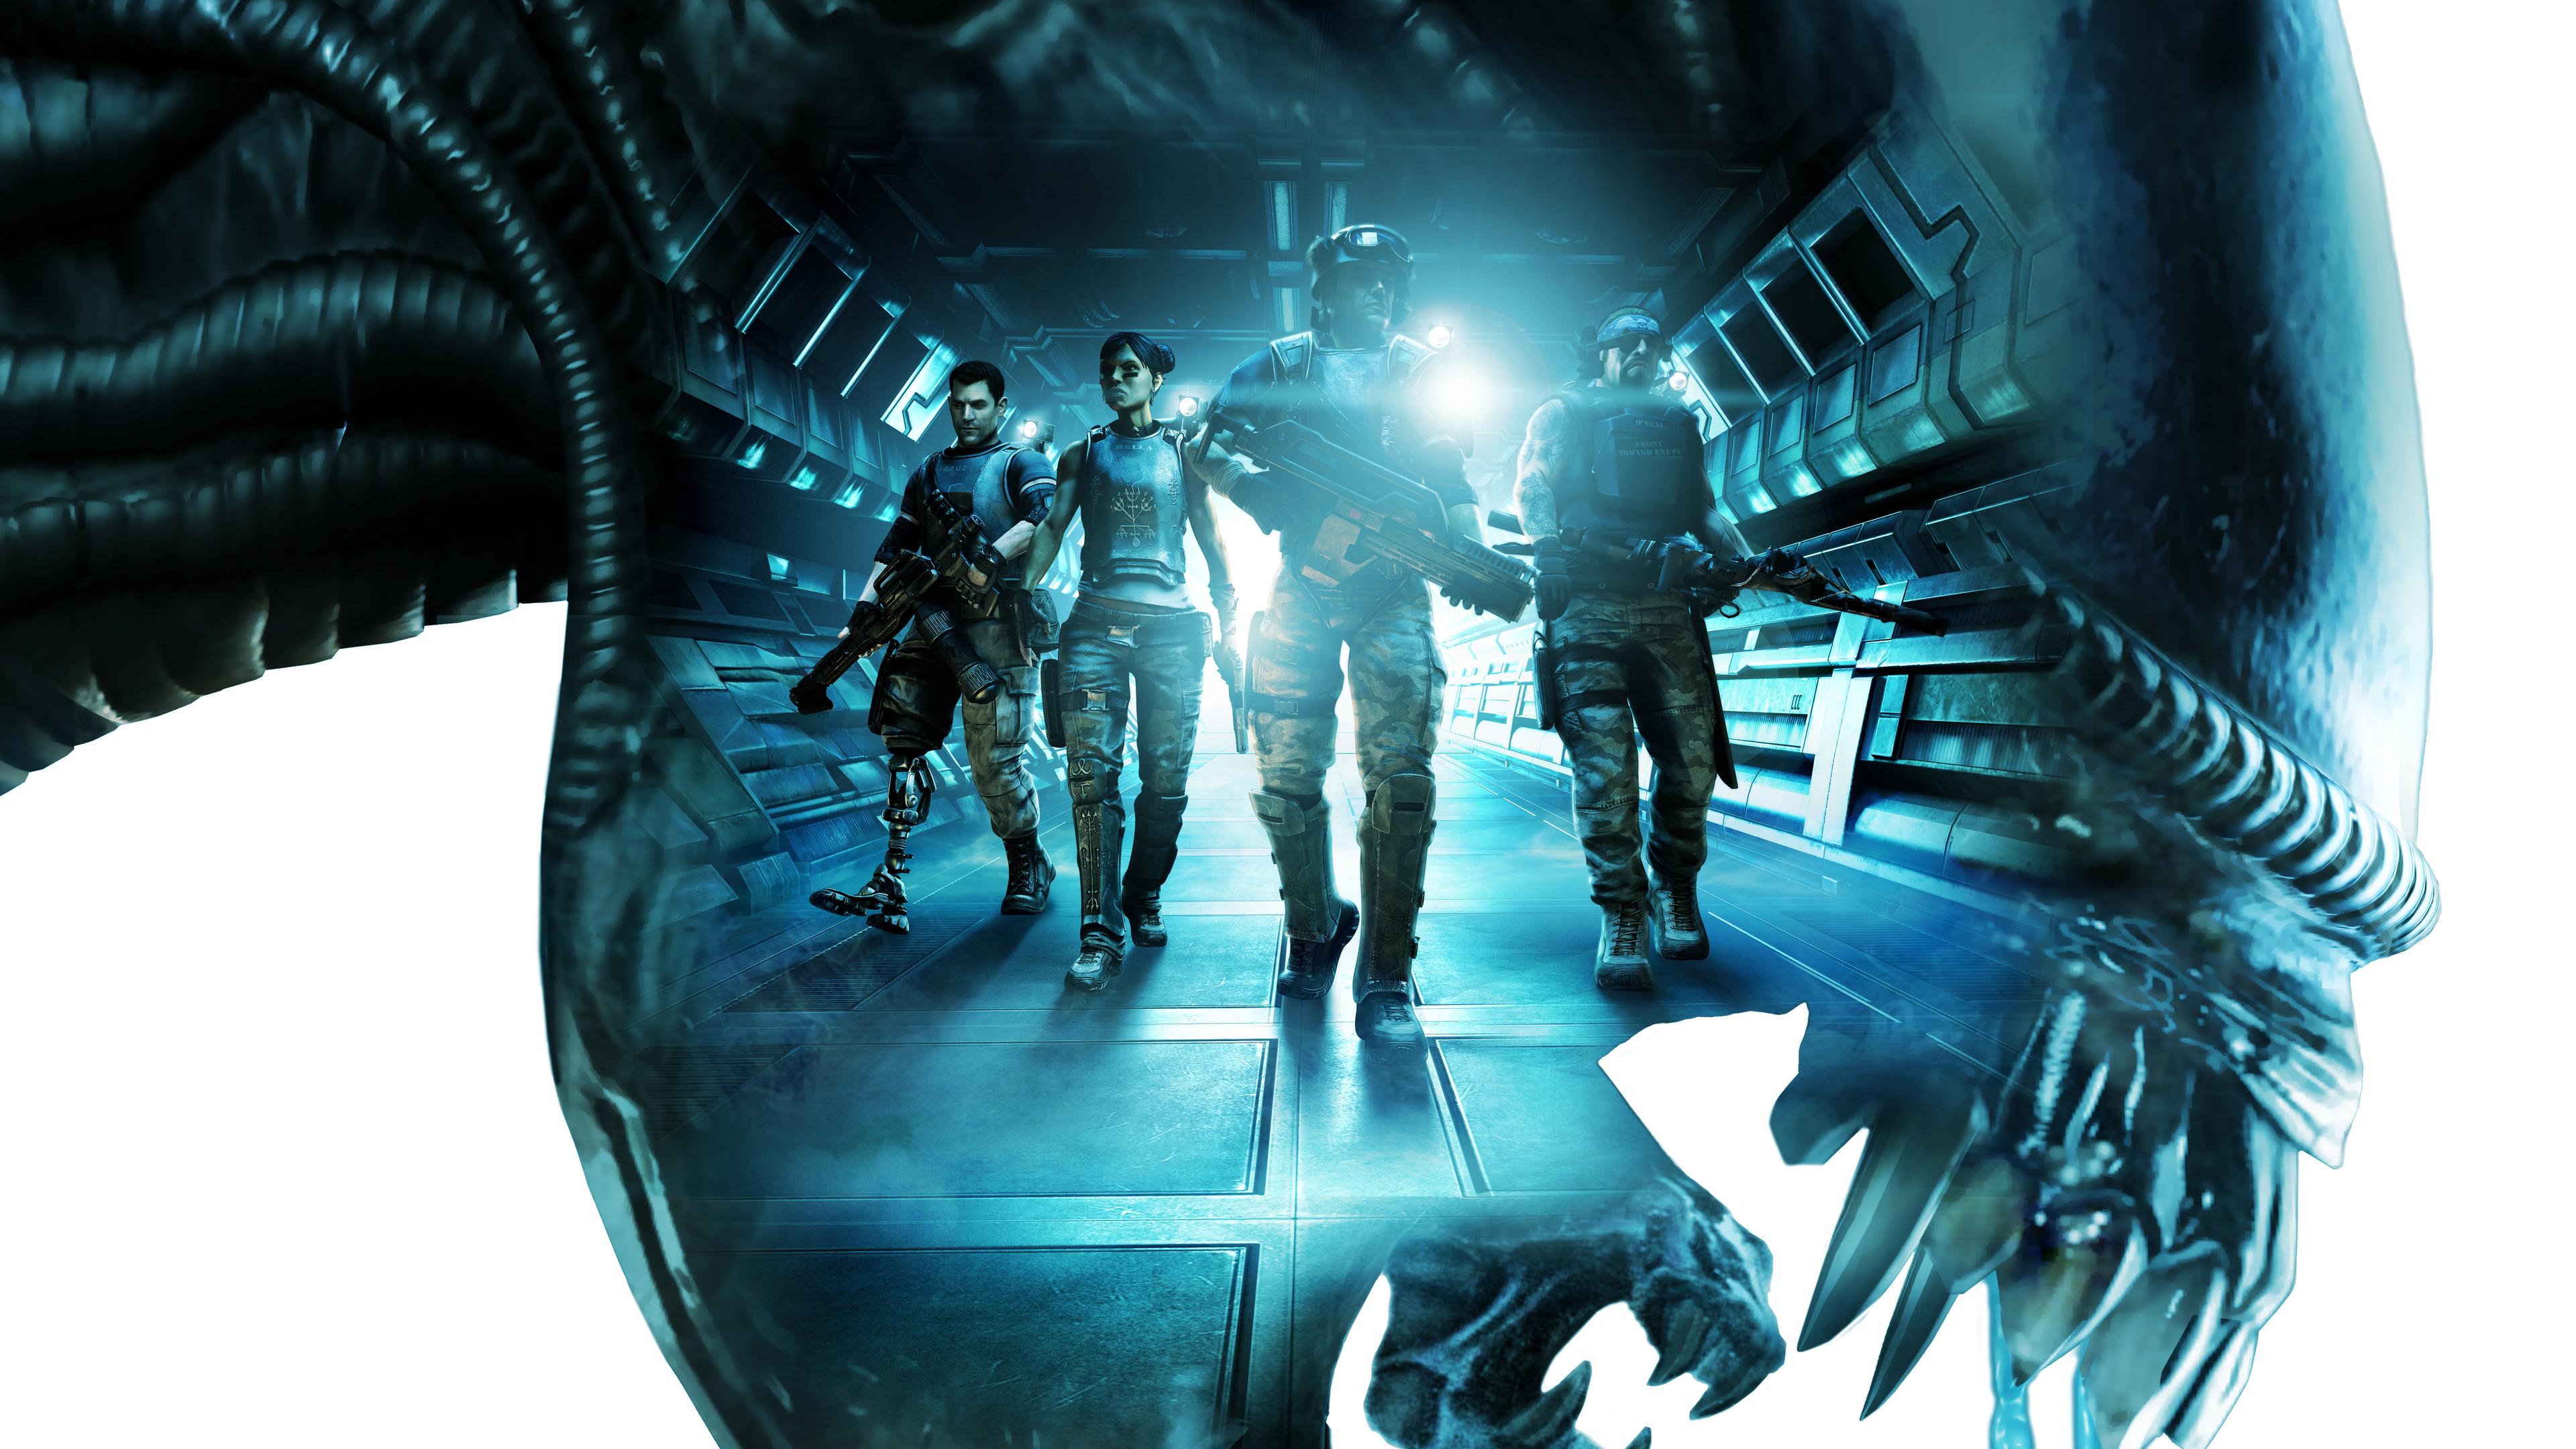 aliens colonial marines 4k 1553074774 - Aliens Colonial Marines 4k - hd-wallpapers, games wallpapers, 5k wallpapers, 4k-wallpapers